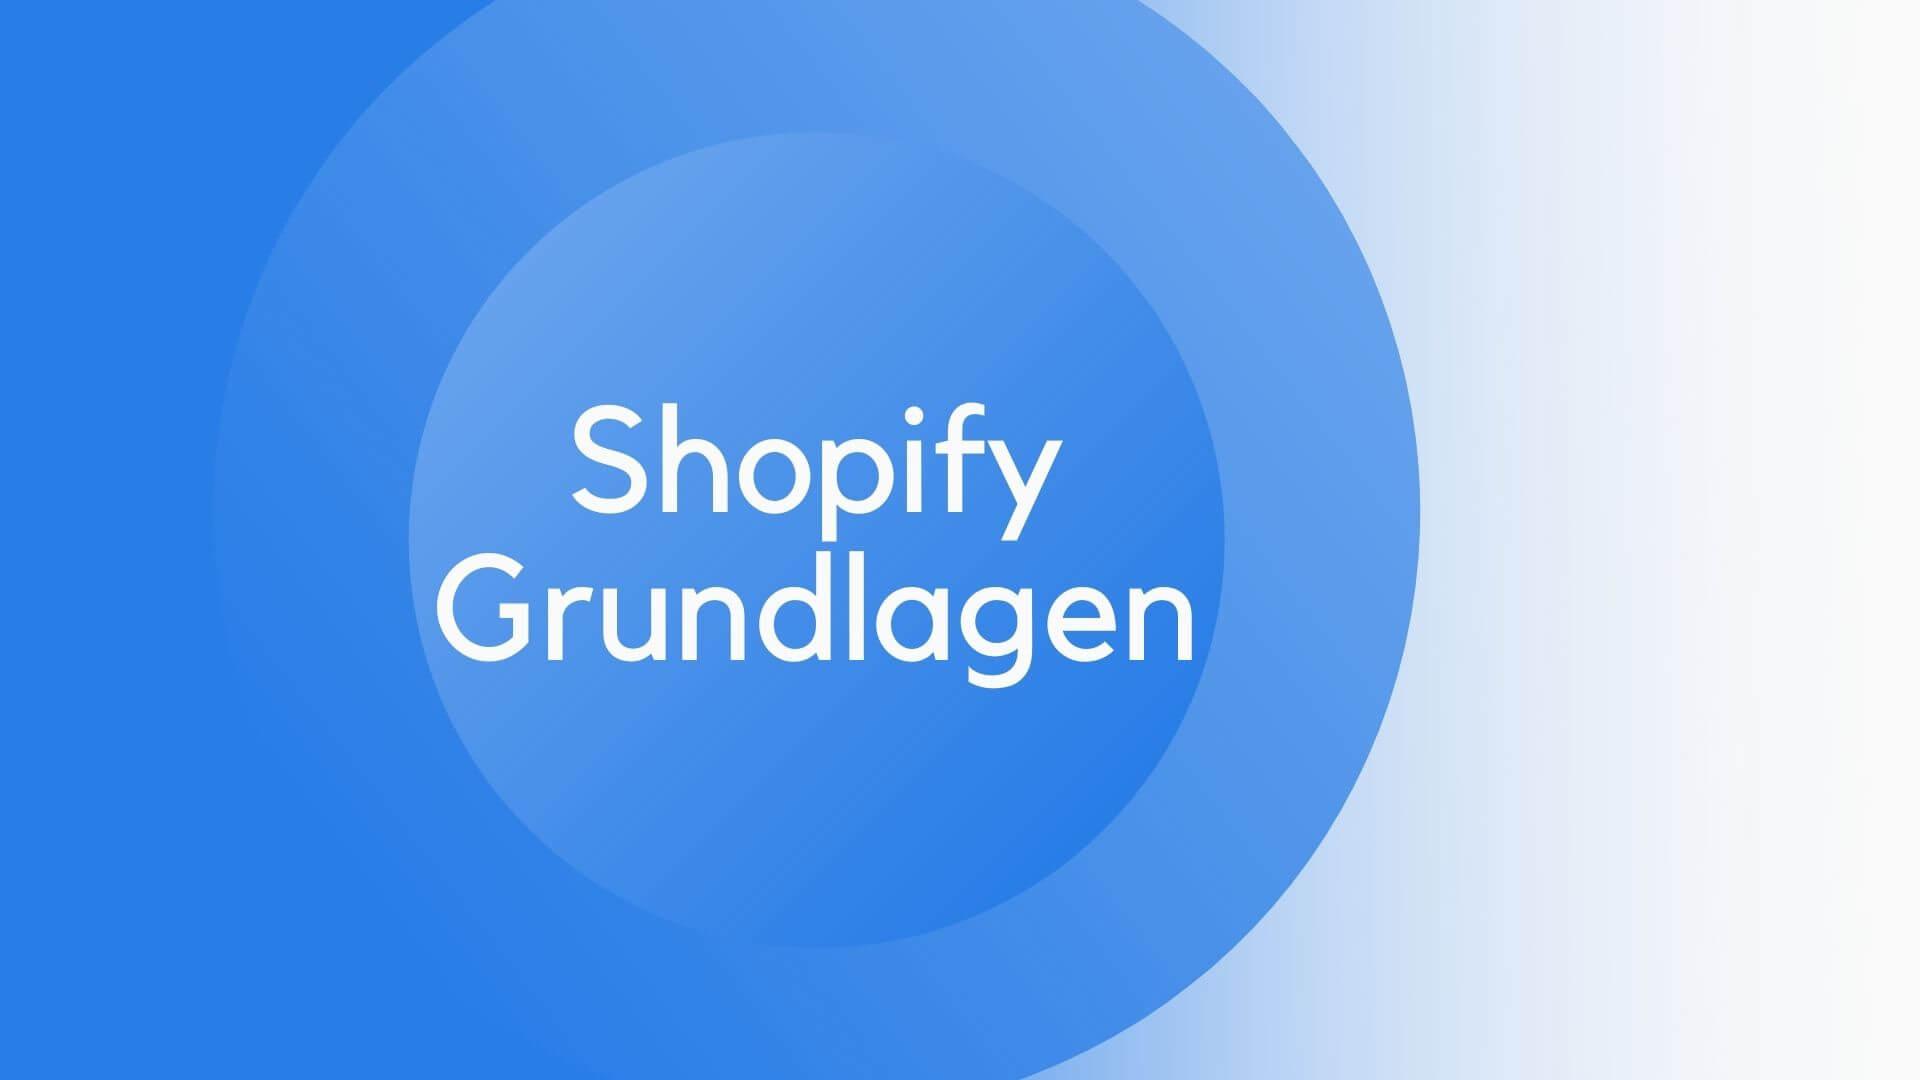 Shopify Grundlagen